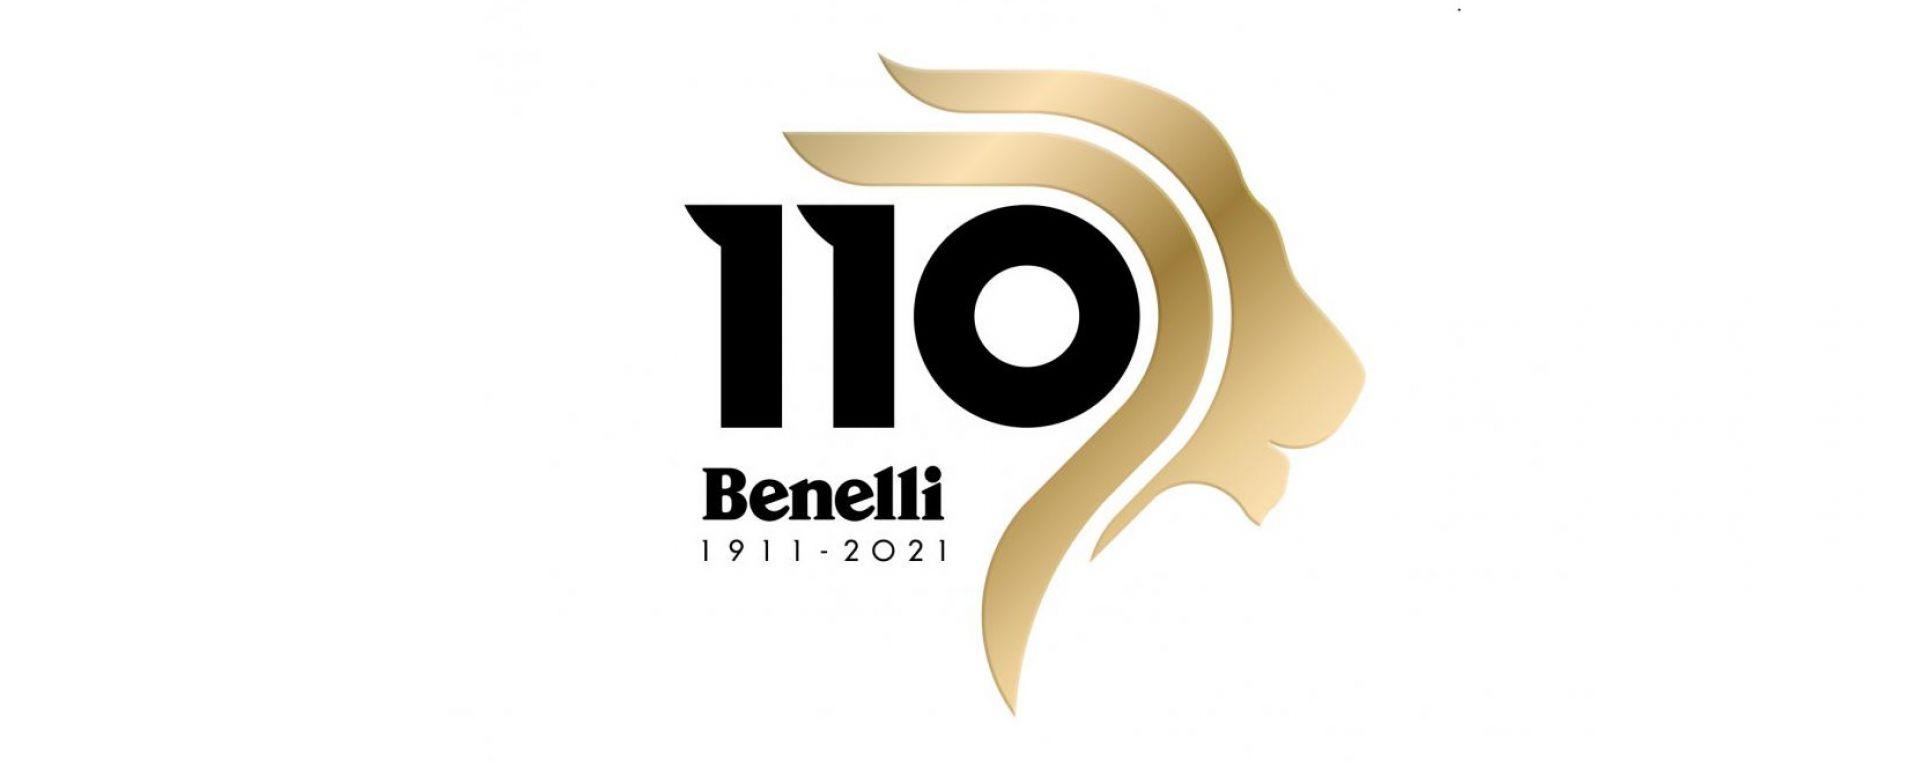 Benelli: il logo celebrativo per i 110 anni della casa di Pesaro